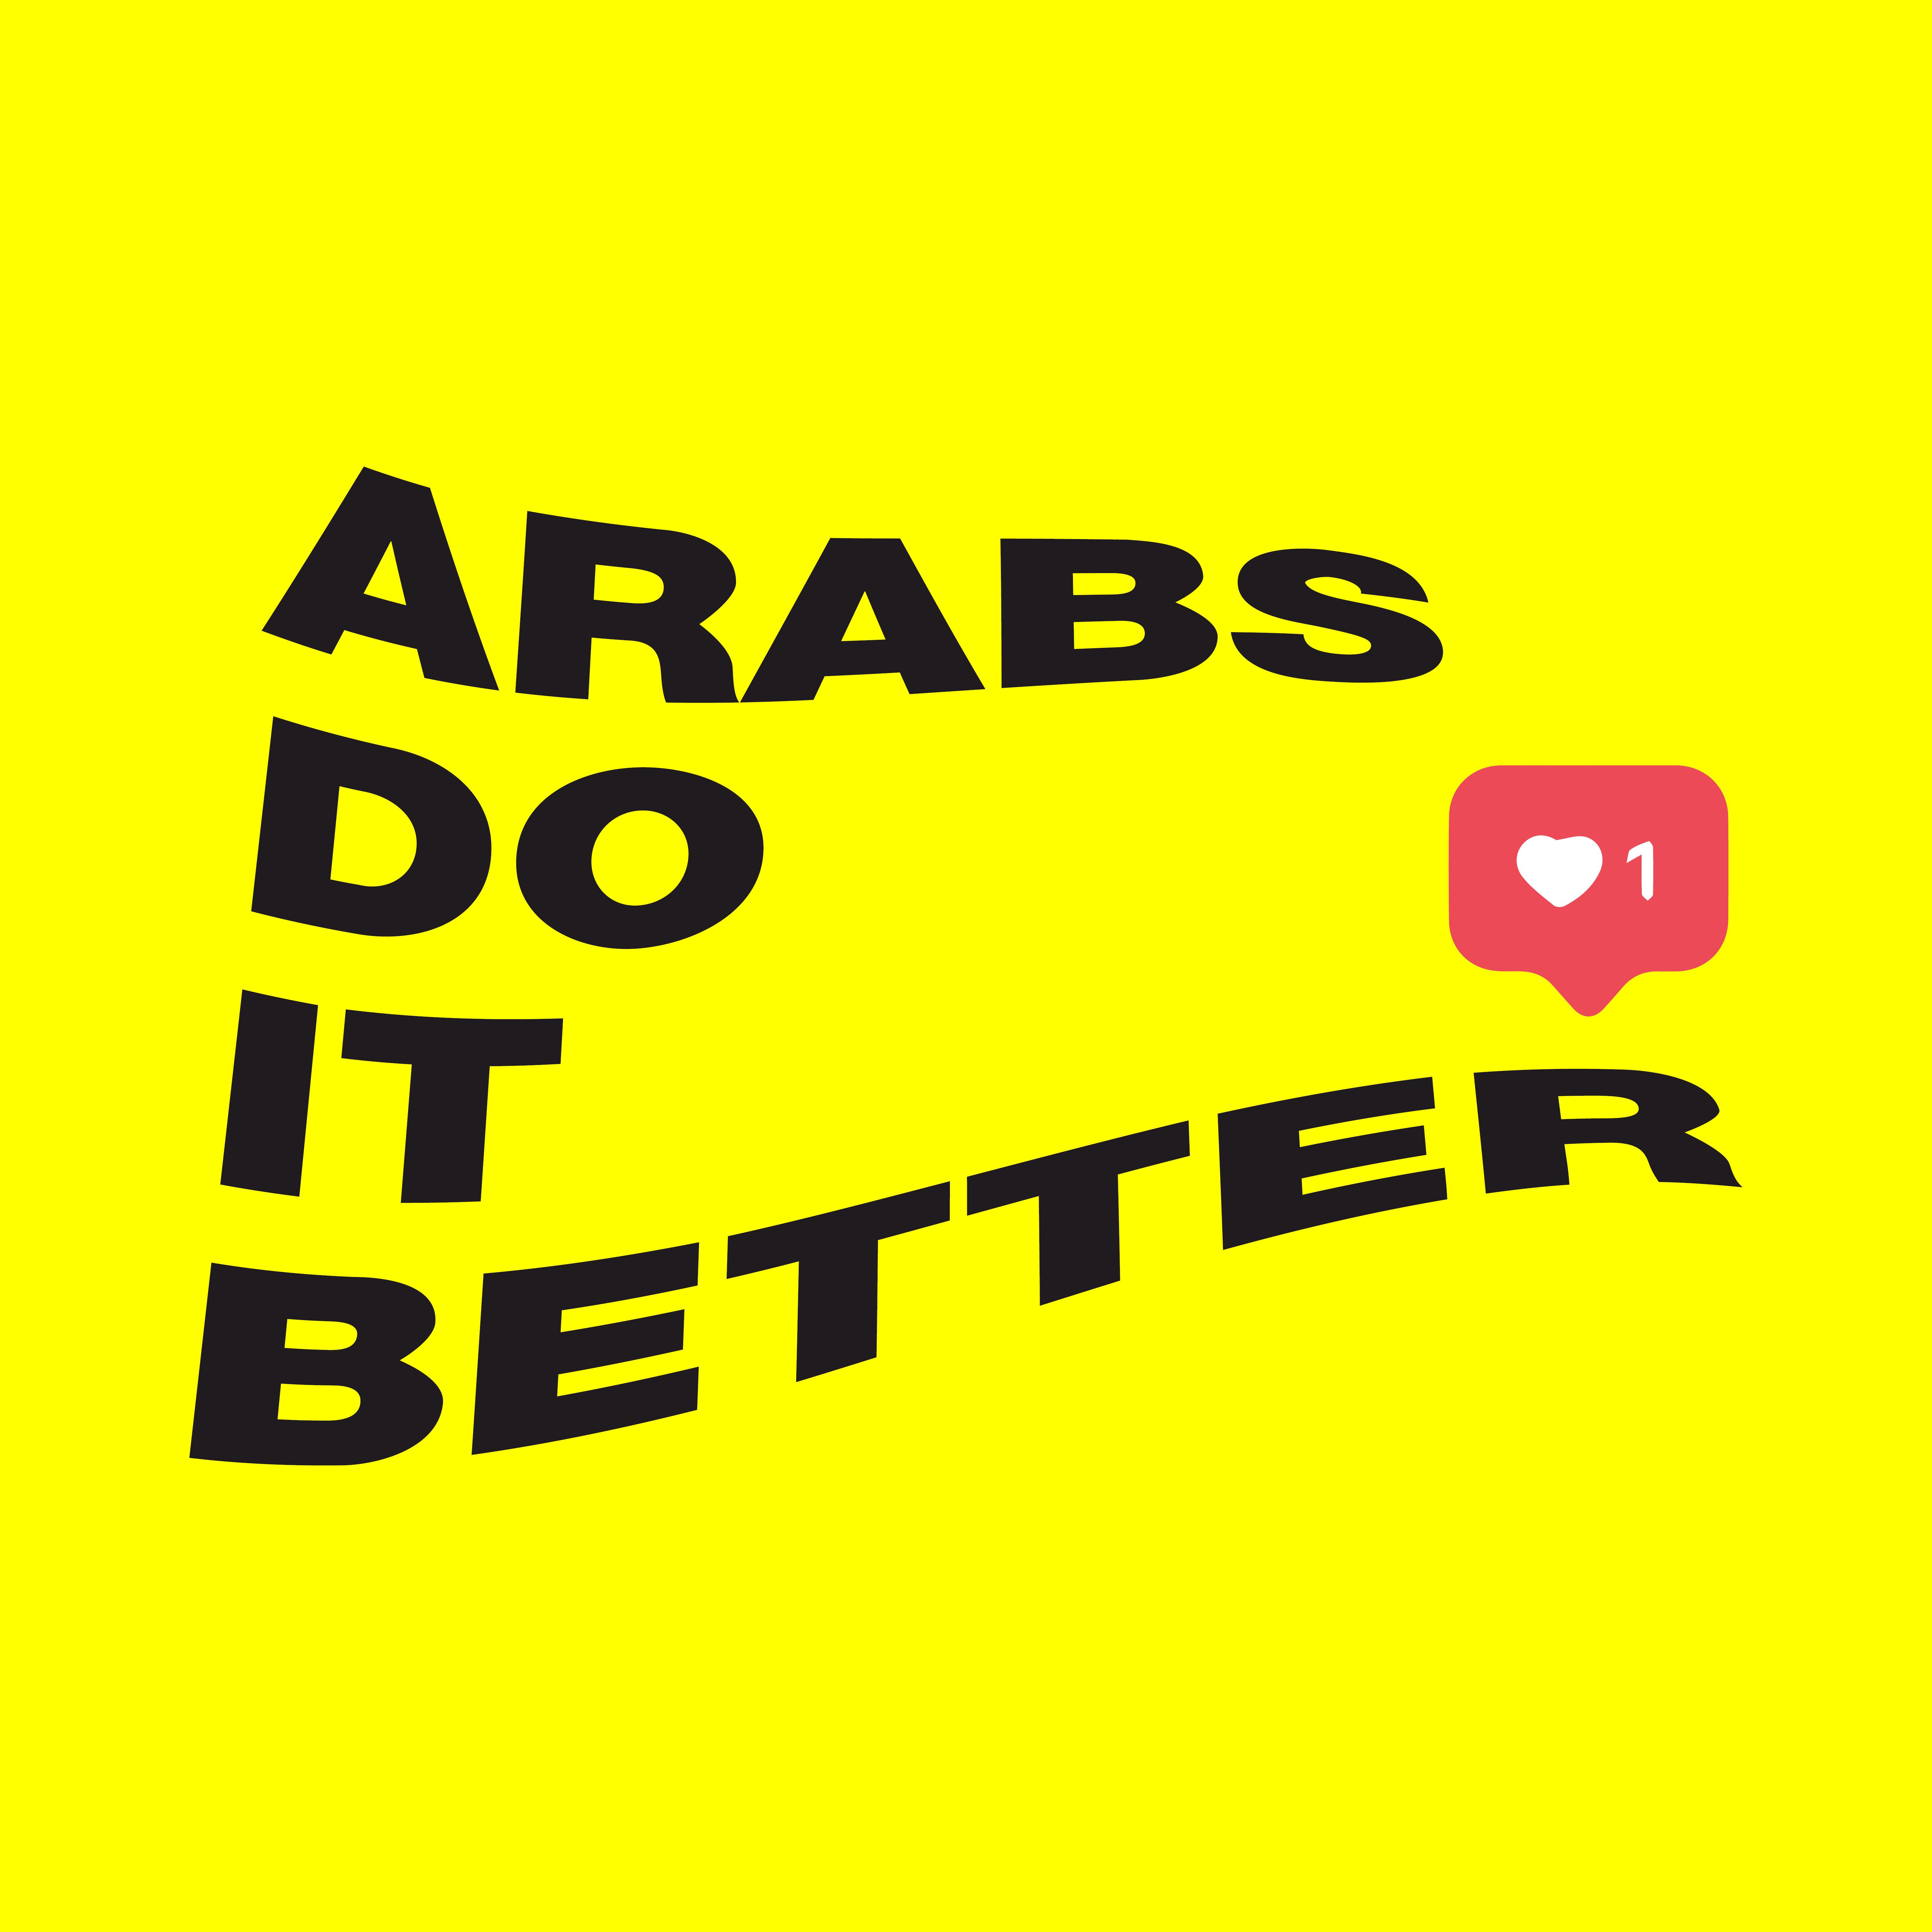 ARABS LIKE